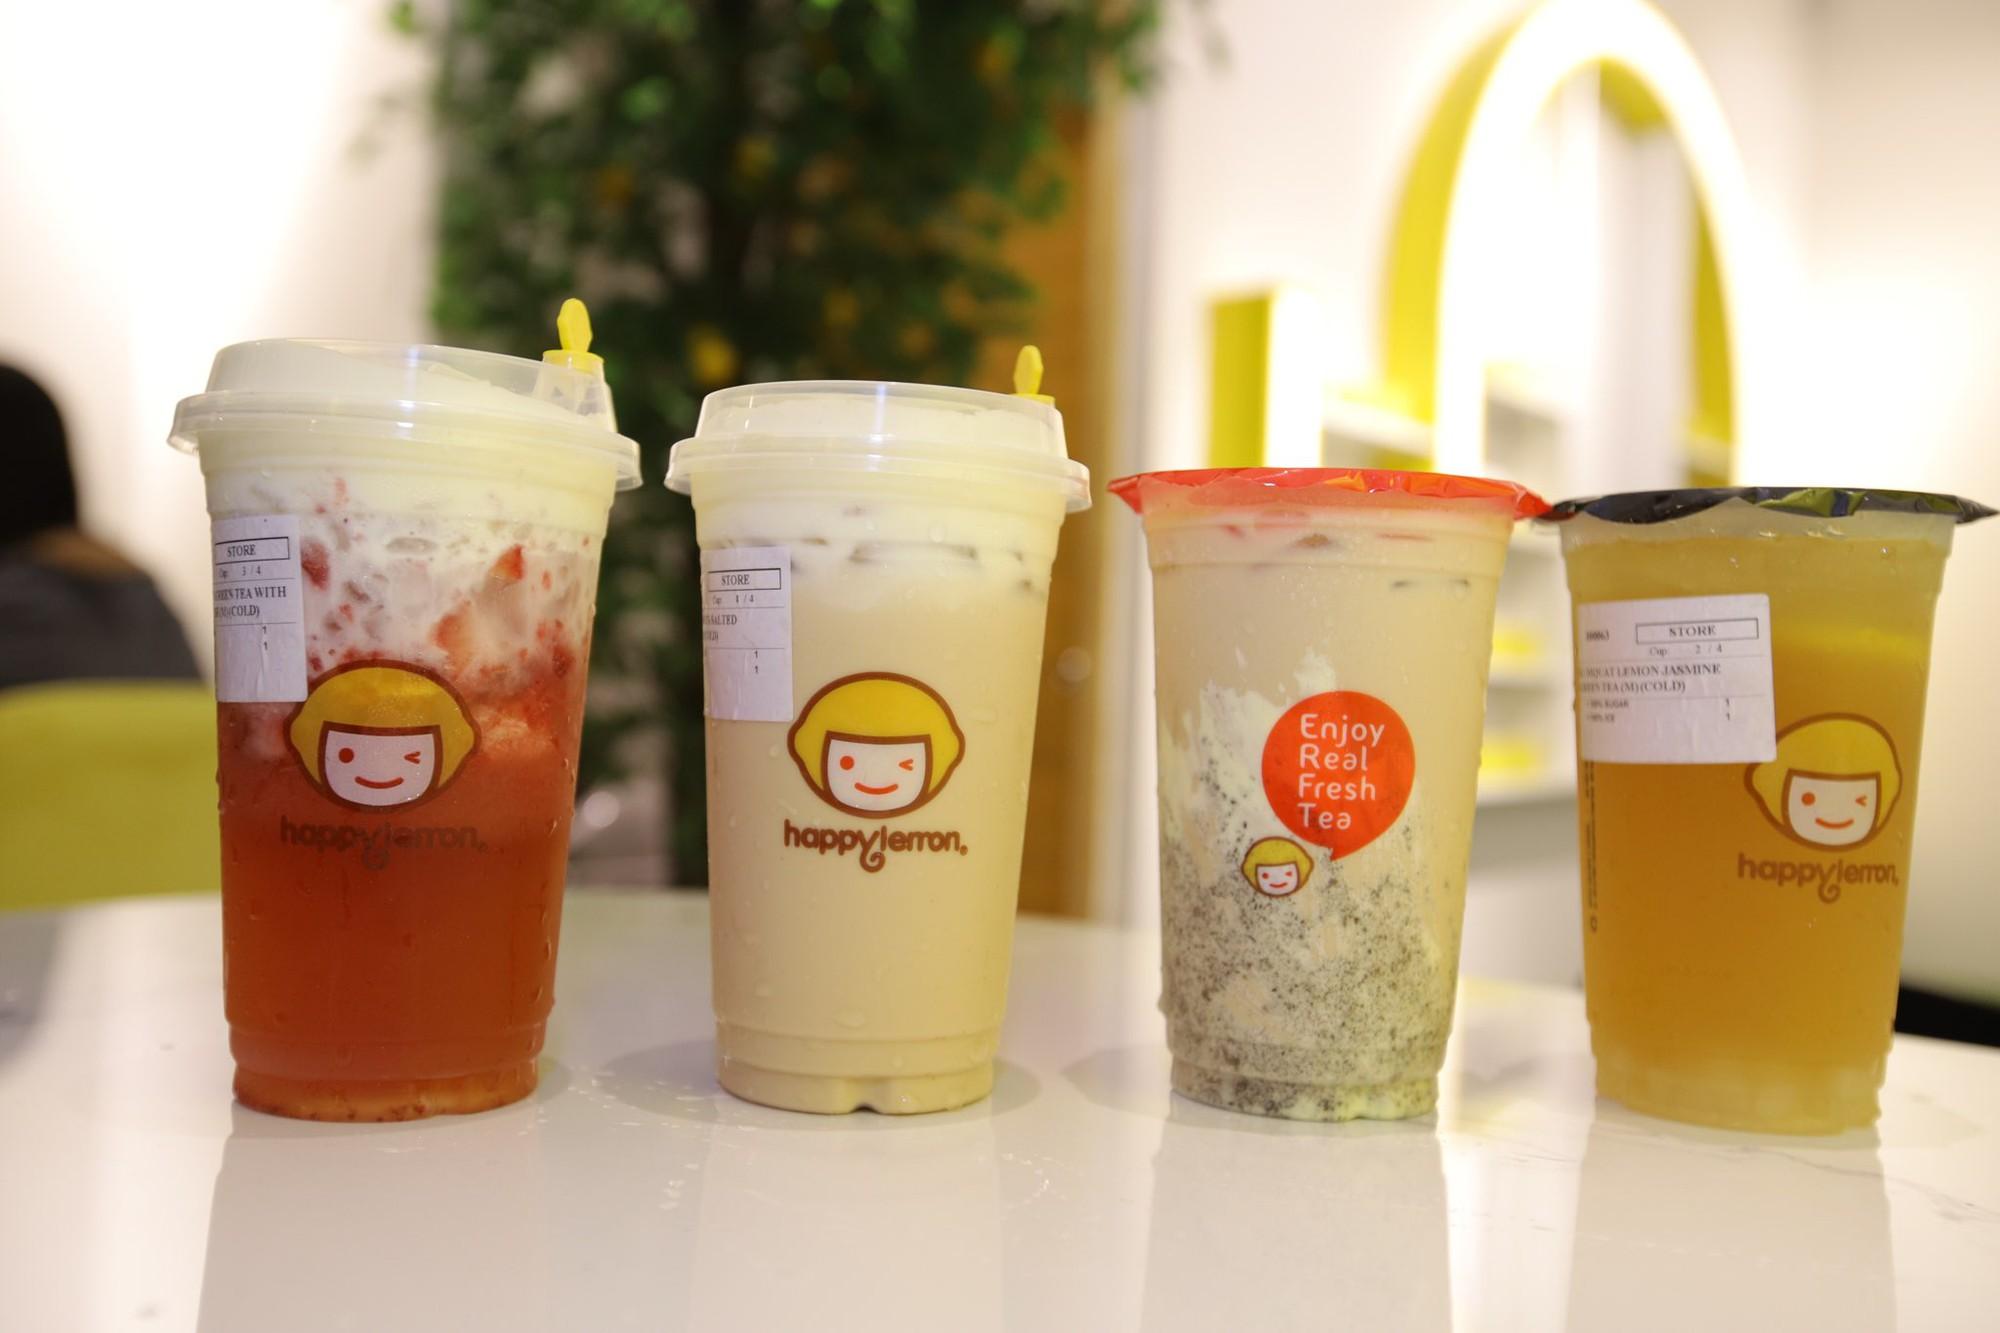 Trúc Nhân và Fabo Nguyễn gây náo loạn cả khu phố trà sữa, Happy Lemon chính thức đổ bộ thị trường Việt Nam - Ảnh 10.